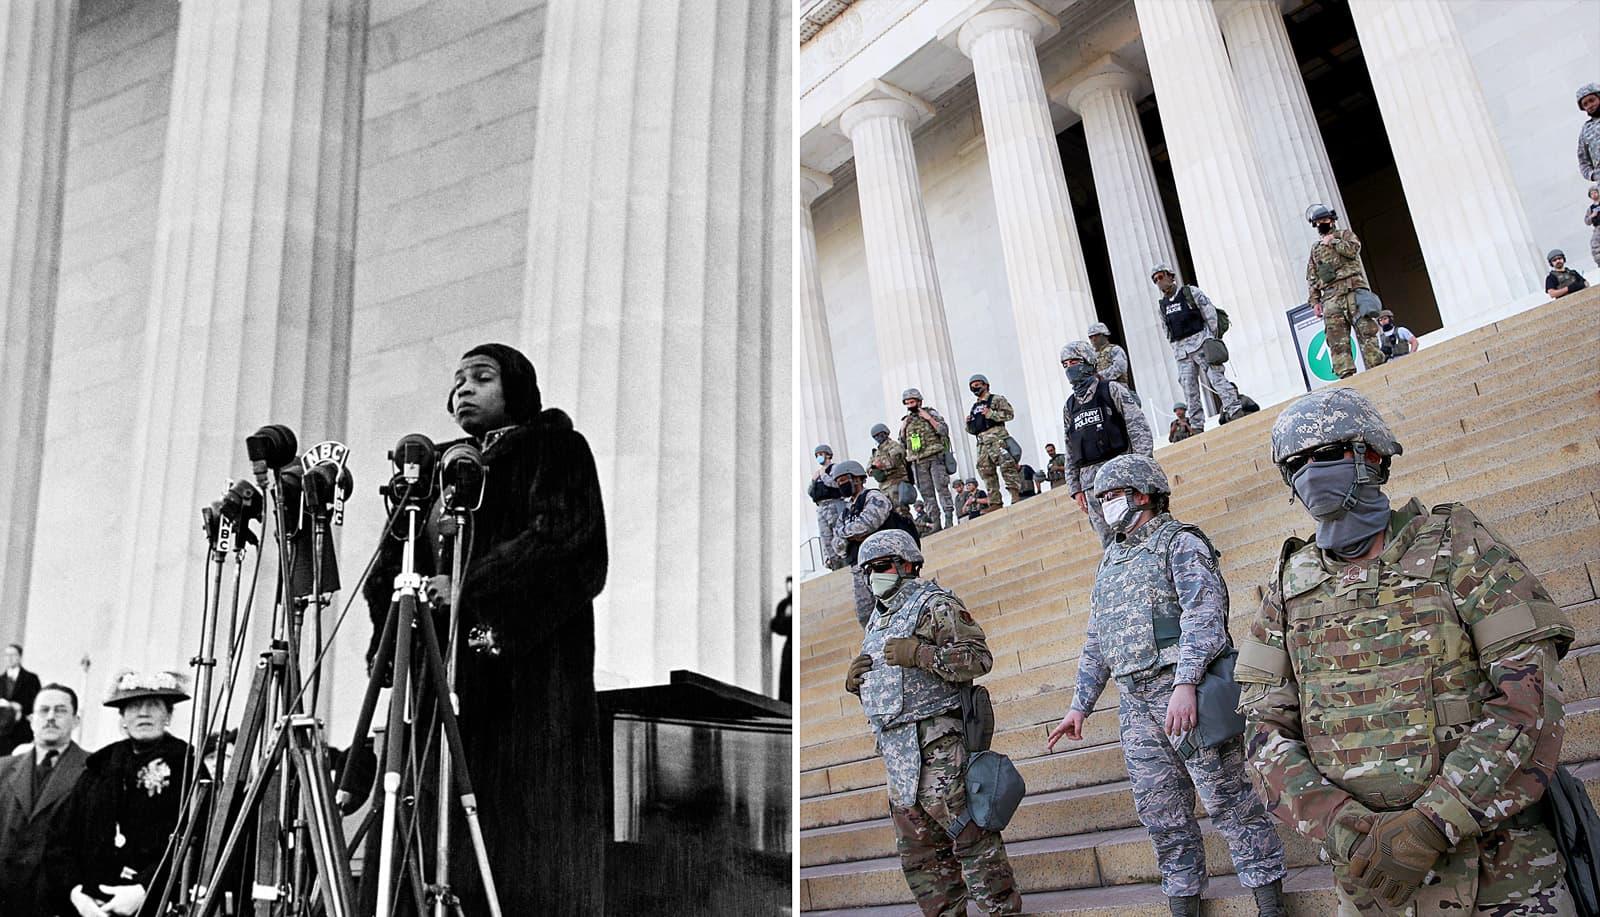 Marian Anderson en el concert que va fer a les escales del monument a Lincoln el 1939. Al costat, membres de la Guàrdia Nacional, al mateix lloc, durant les protestes per la mort de George Floyd en mans d'un policia. Fotografies de GettyImages.